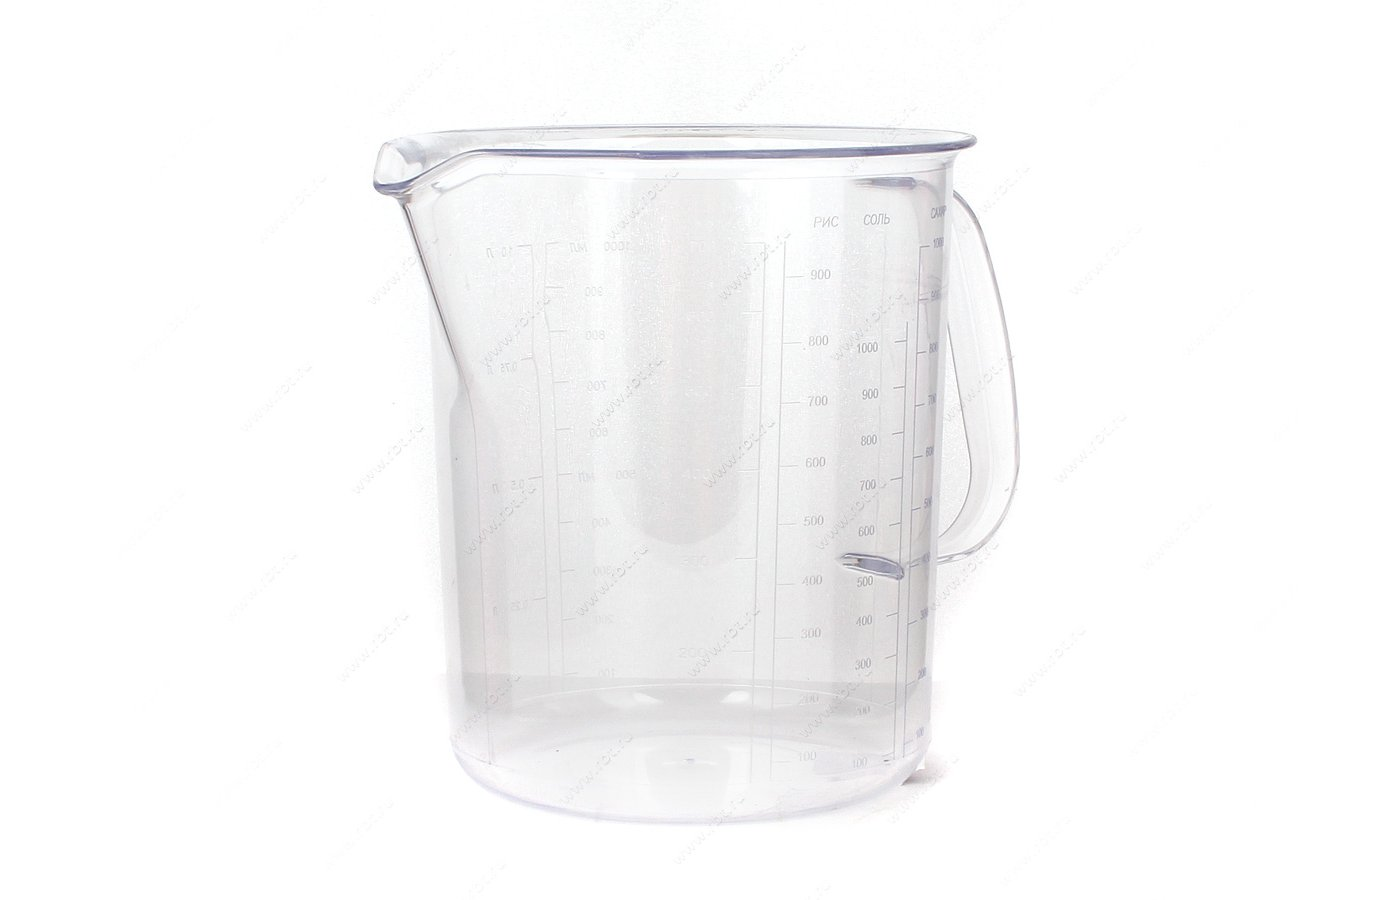 контейнеры для продуктов ПОЛИМЕРБЫТ с116 Кружка мерная 1.0л 11600